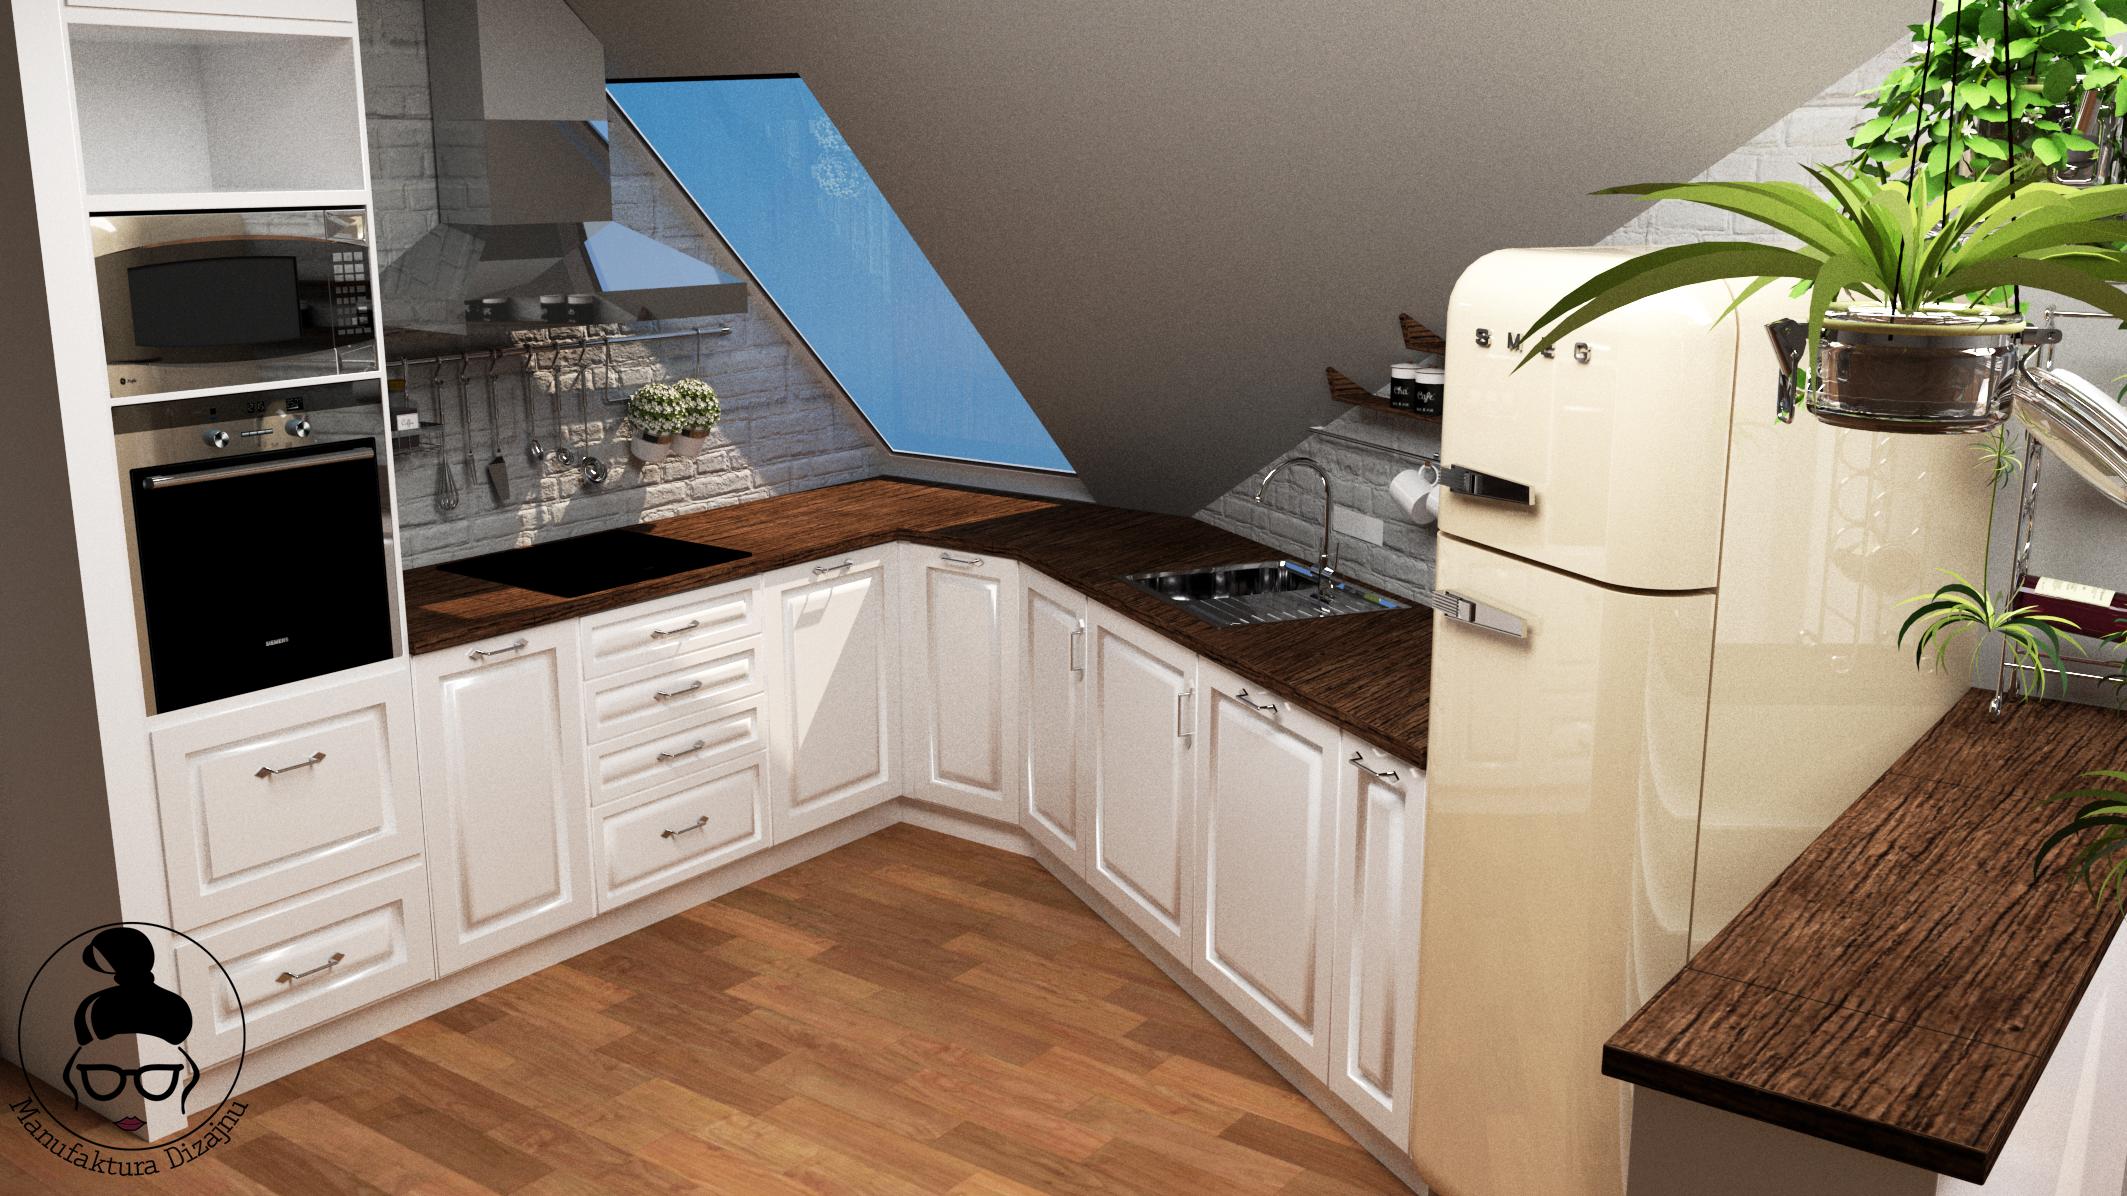 Prowansalska Kuchnia Kuchnia Ze Skosami Kitchen Kitchen Kitchendesign Decor Interior Interiordesign Design Kitchen Cabinets Home Decor Home